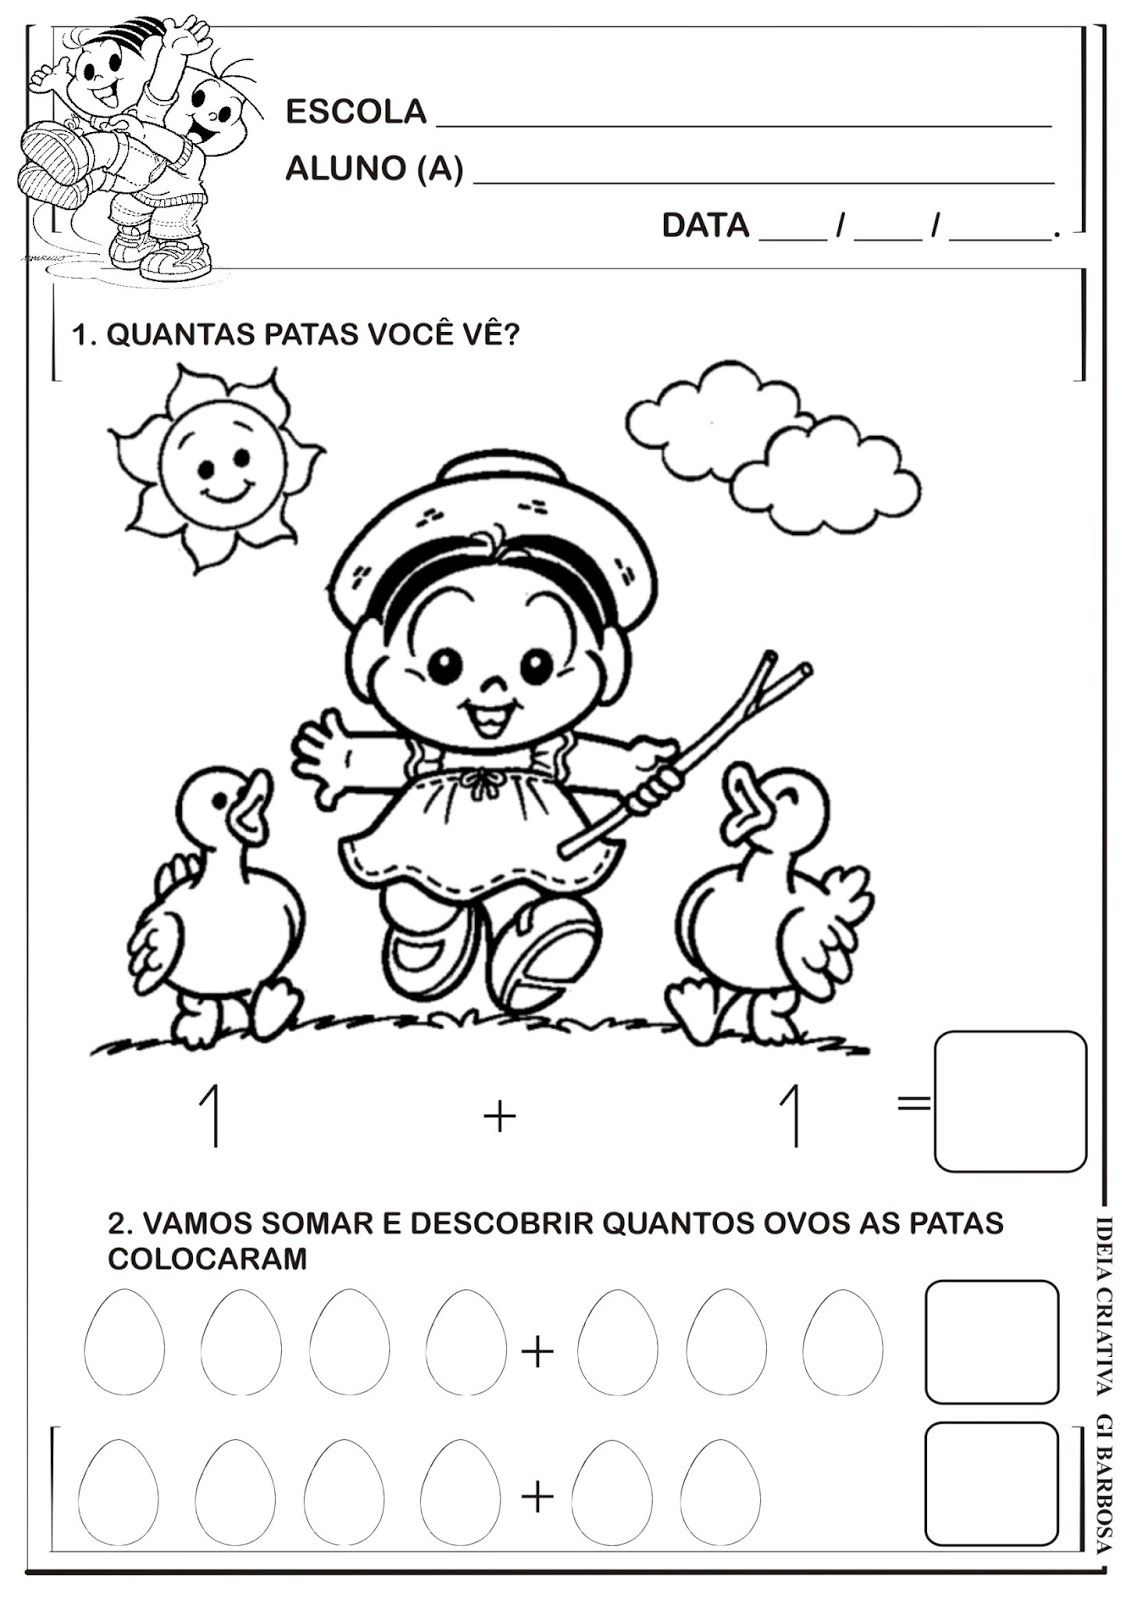 Amado Matemática Infantil: Atividade Adição Turma da Mônica | ATIVIDADES  OH58